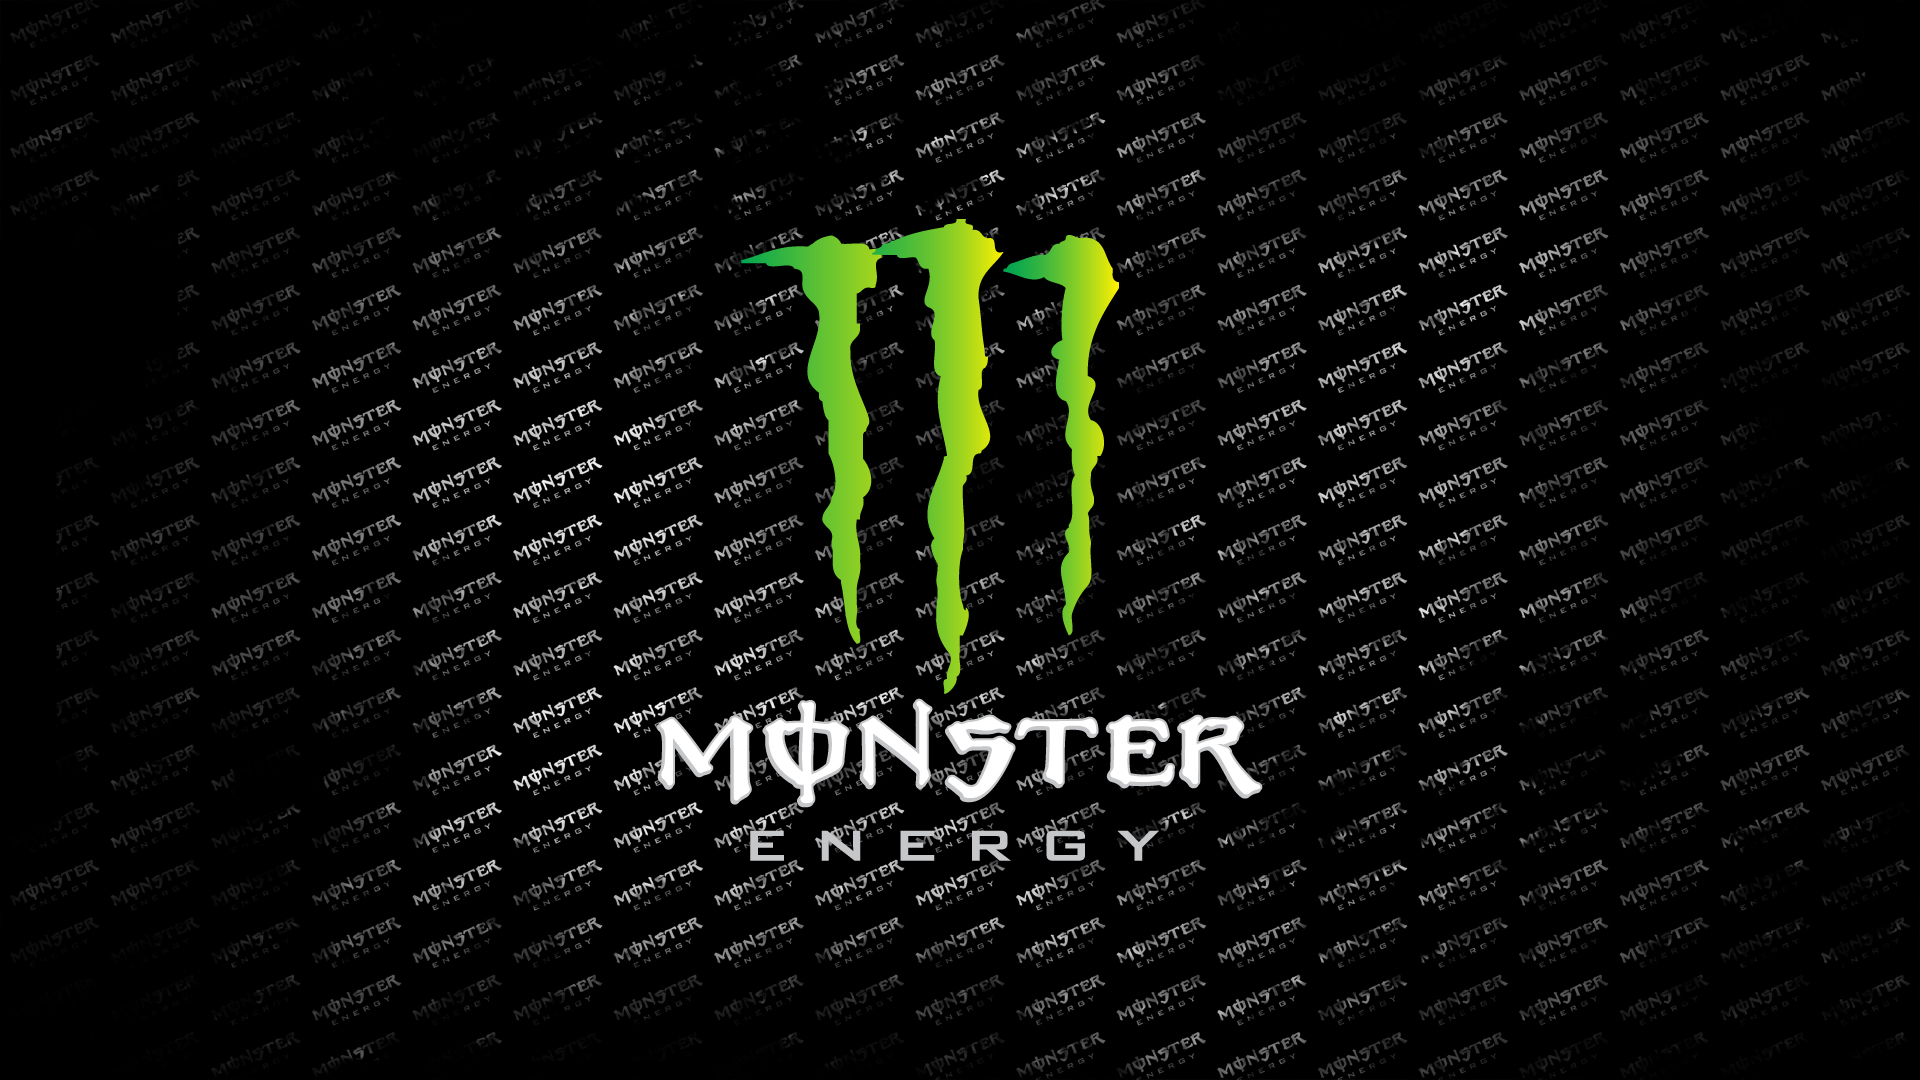 Monster Energy wallpaper   760907 1920x1080